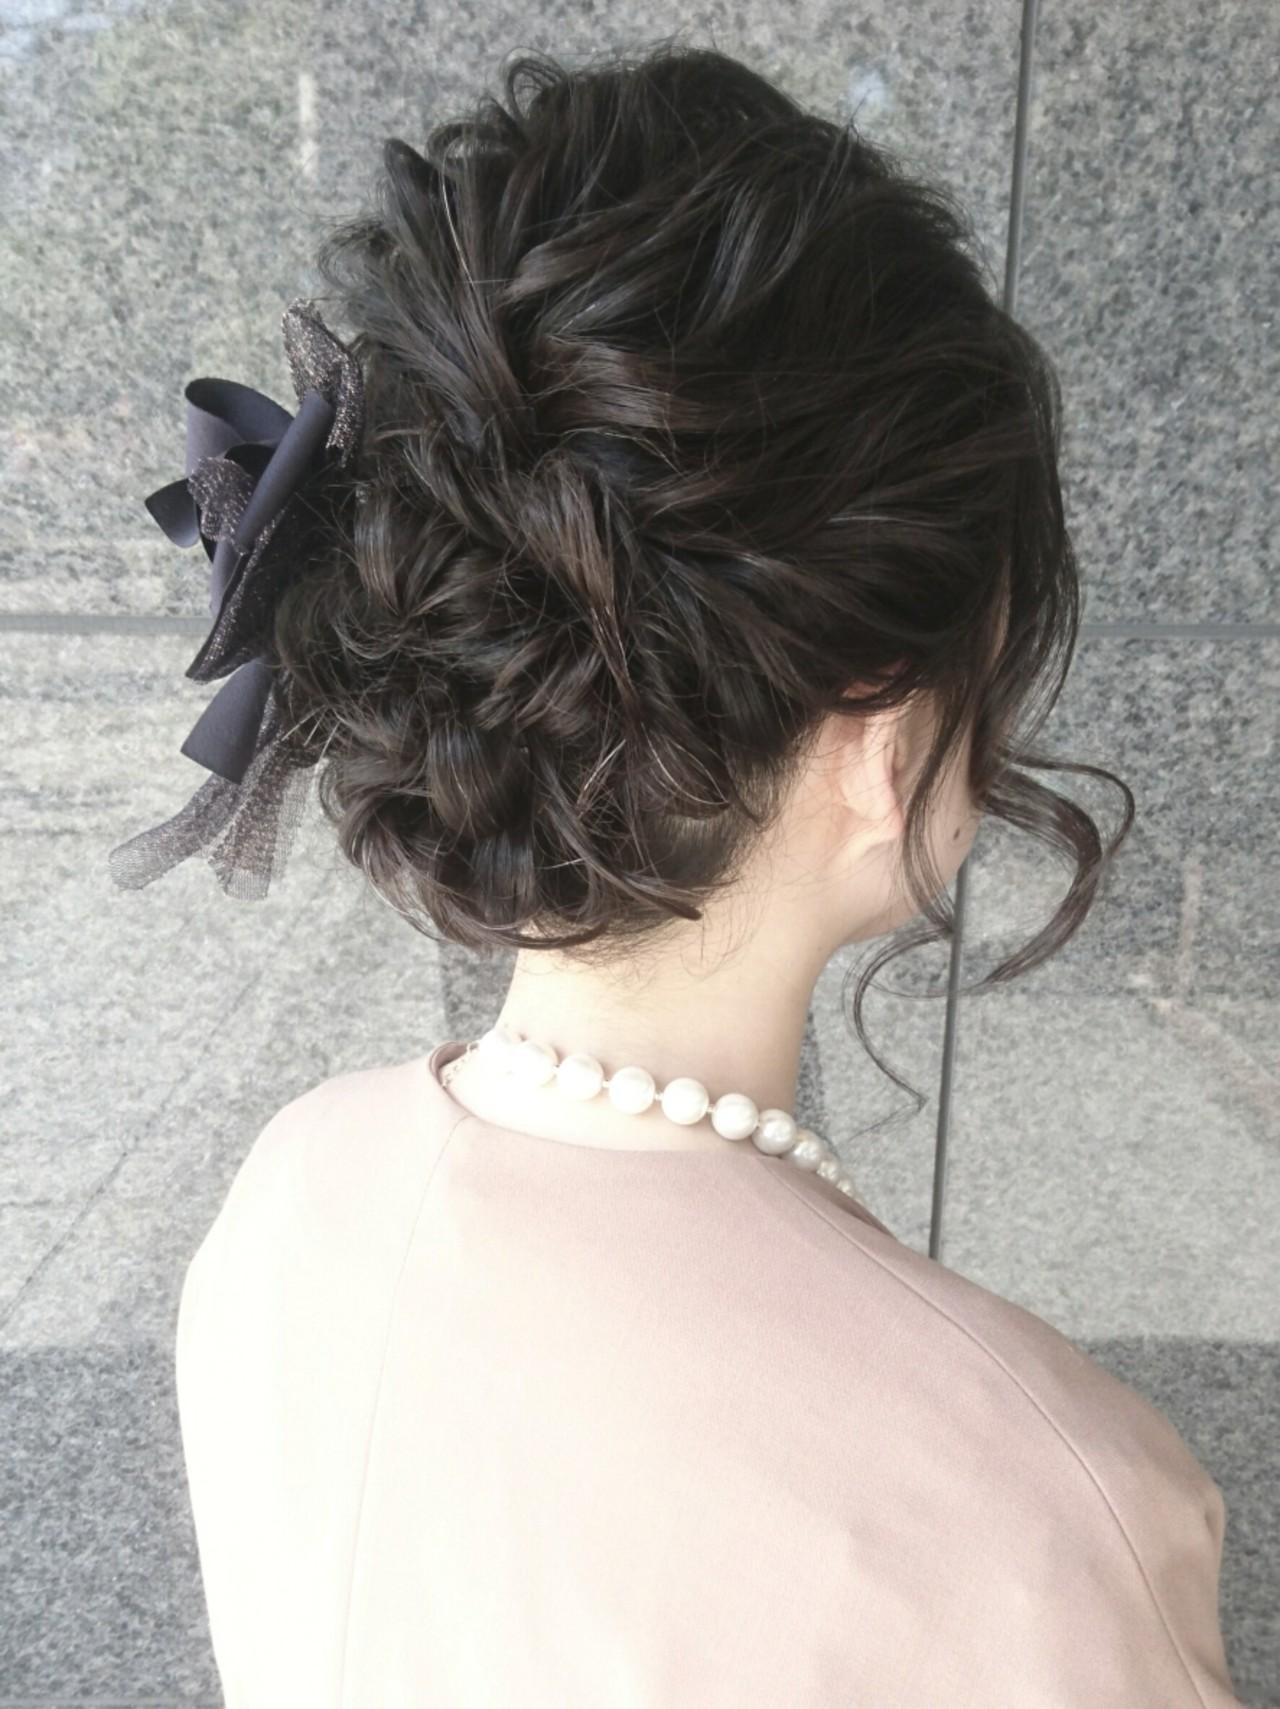 ミディアム ヘアアレンジ フェミニン こなれ感 ヘアスタイルや髪型の写真・画像 | 島田 和也 / hair&spa feliceMICHI